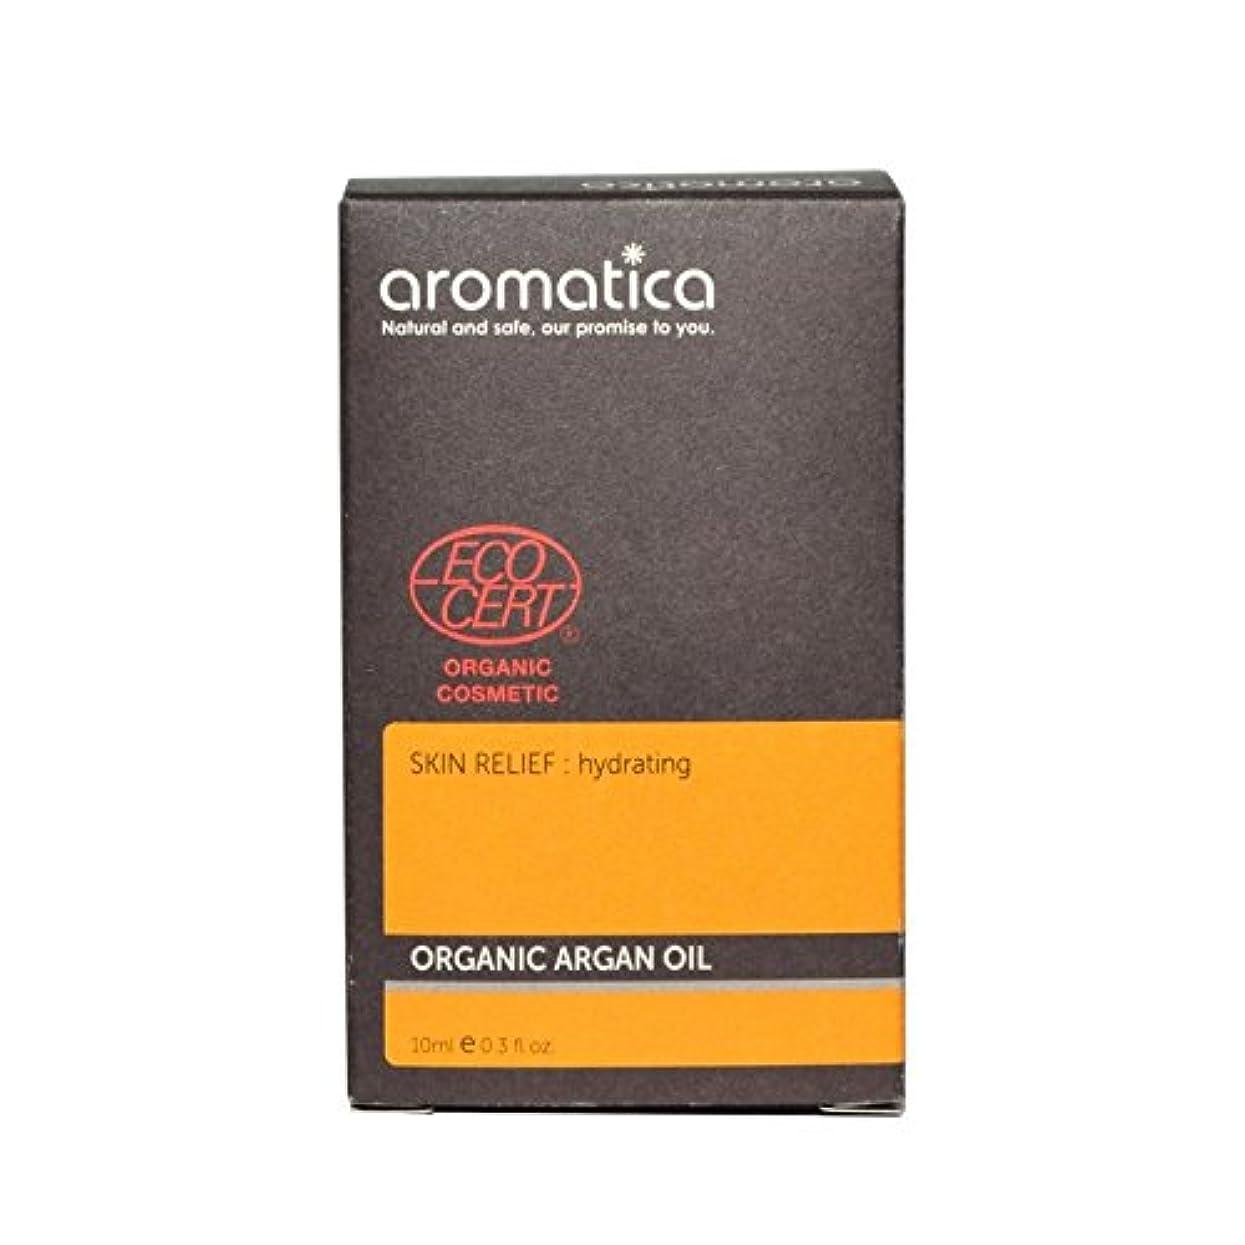 幸福バンカー好きaromatica Organic Argan Oil 10ml (Pack of 6) - オーガニックアルガンオイル10ミリリットル x6 [並行輸入品]